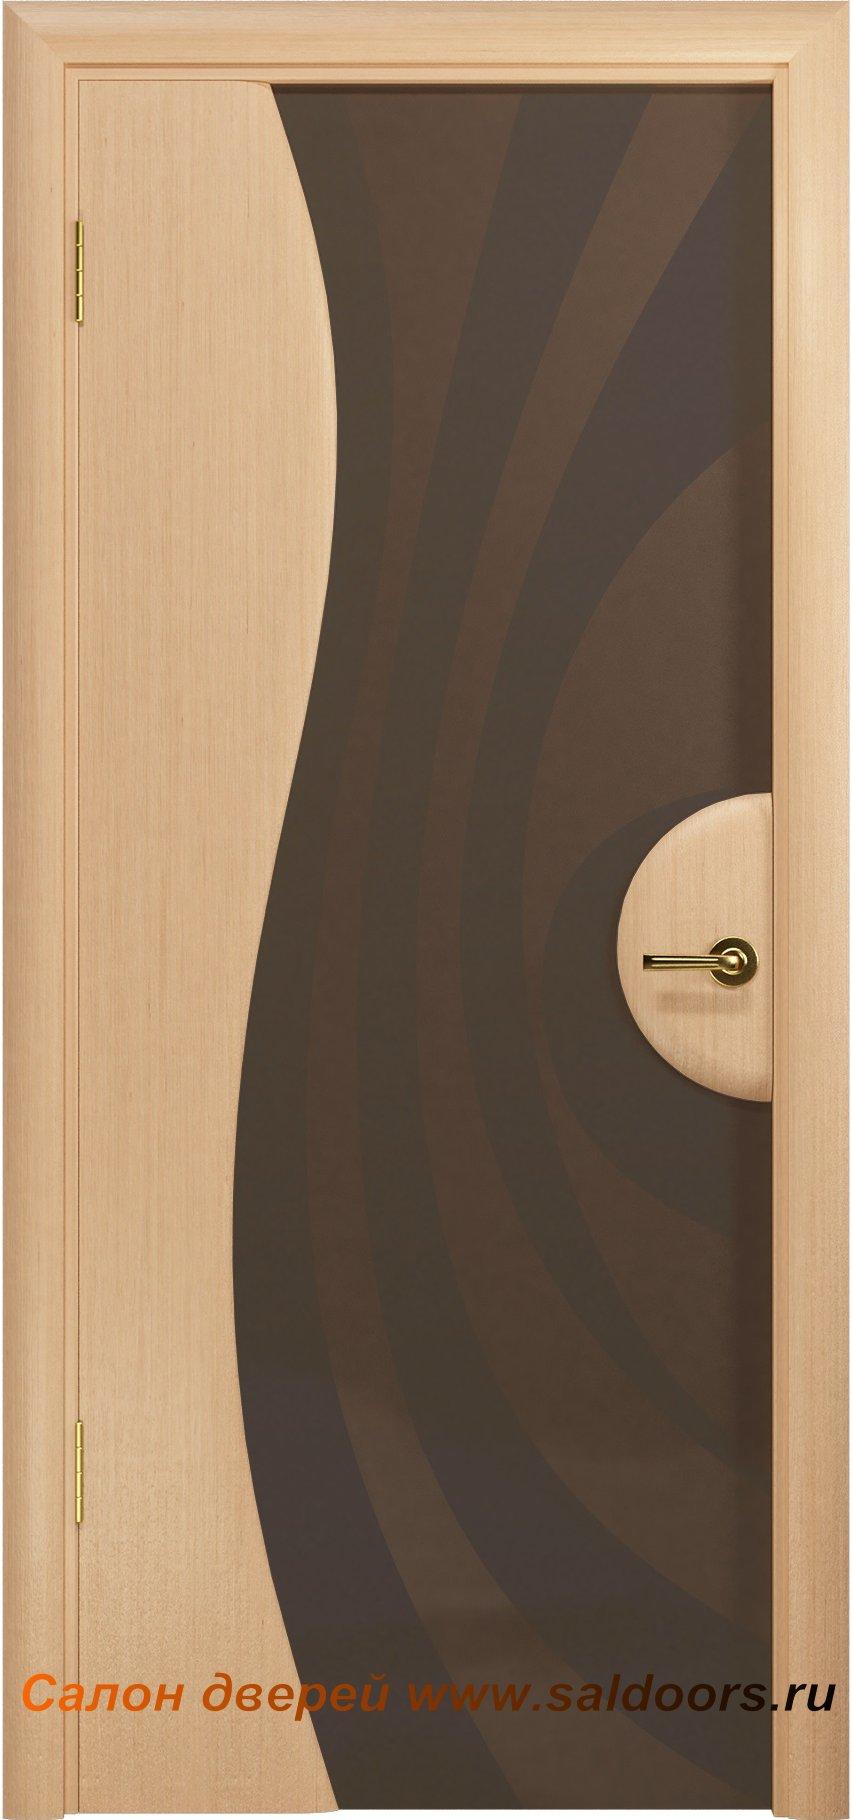 Двери из массива Арсенал - onlinedoorru